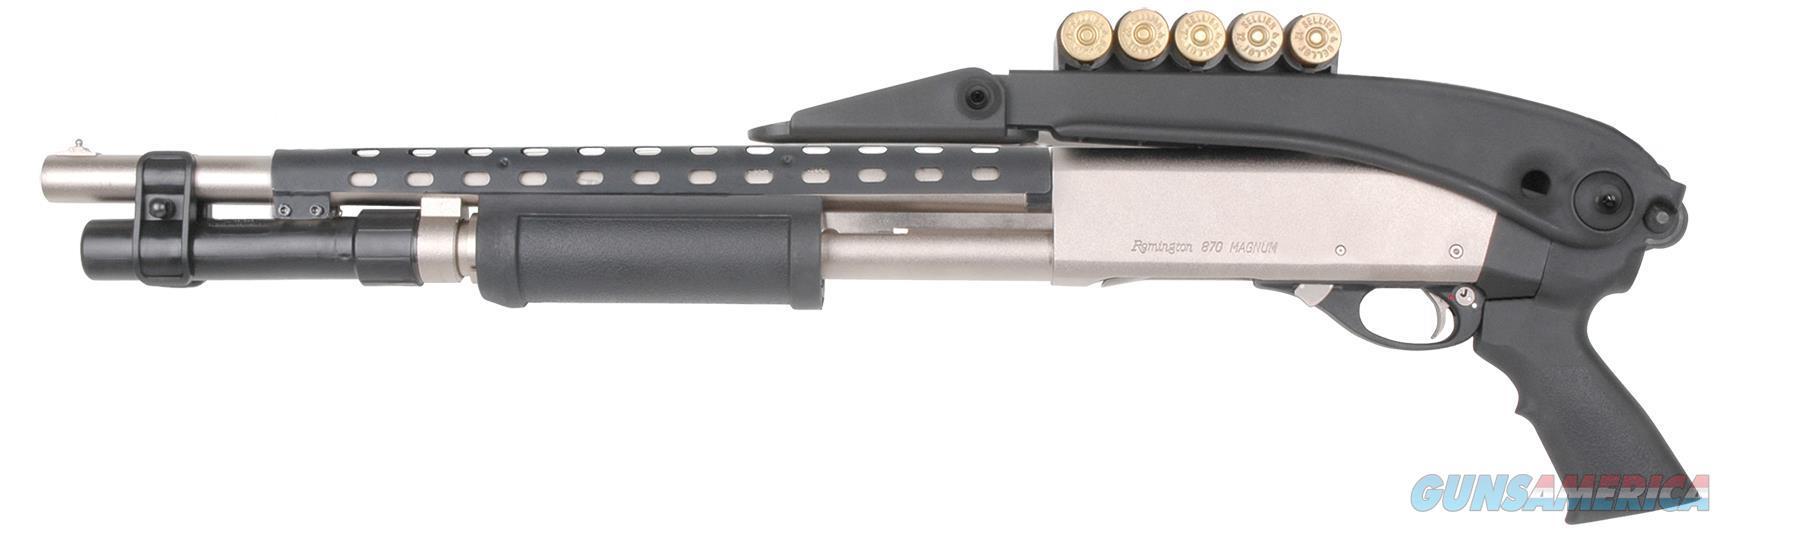 Advanced Technology Tfs0600 Shotforce Mossberg 500/590 Shotgun Glass Reinforced Polymer Black TFS0600  Non-Guns > Gun Parts > Misc > Rifles